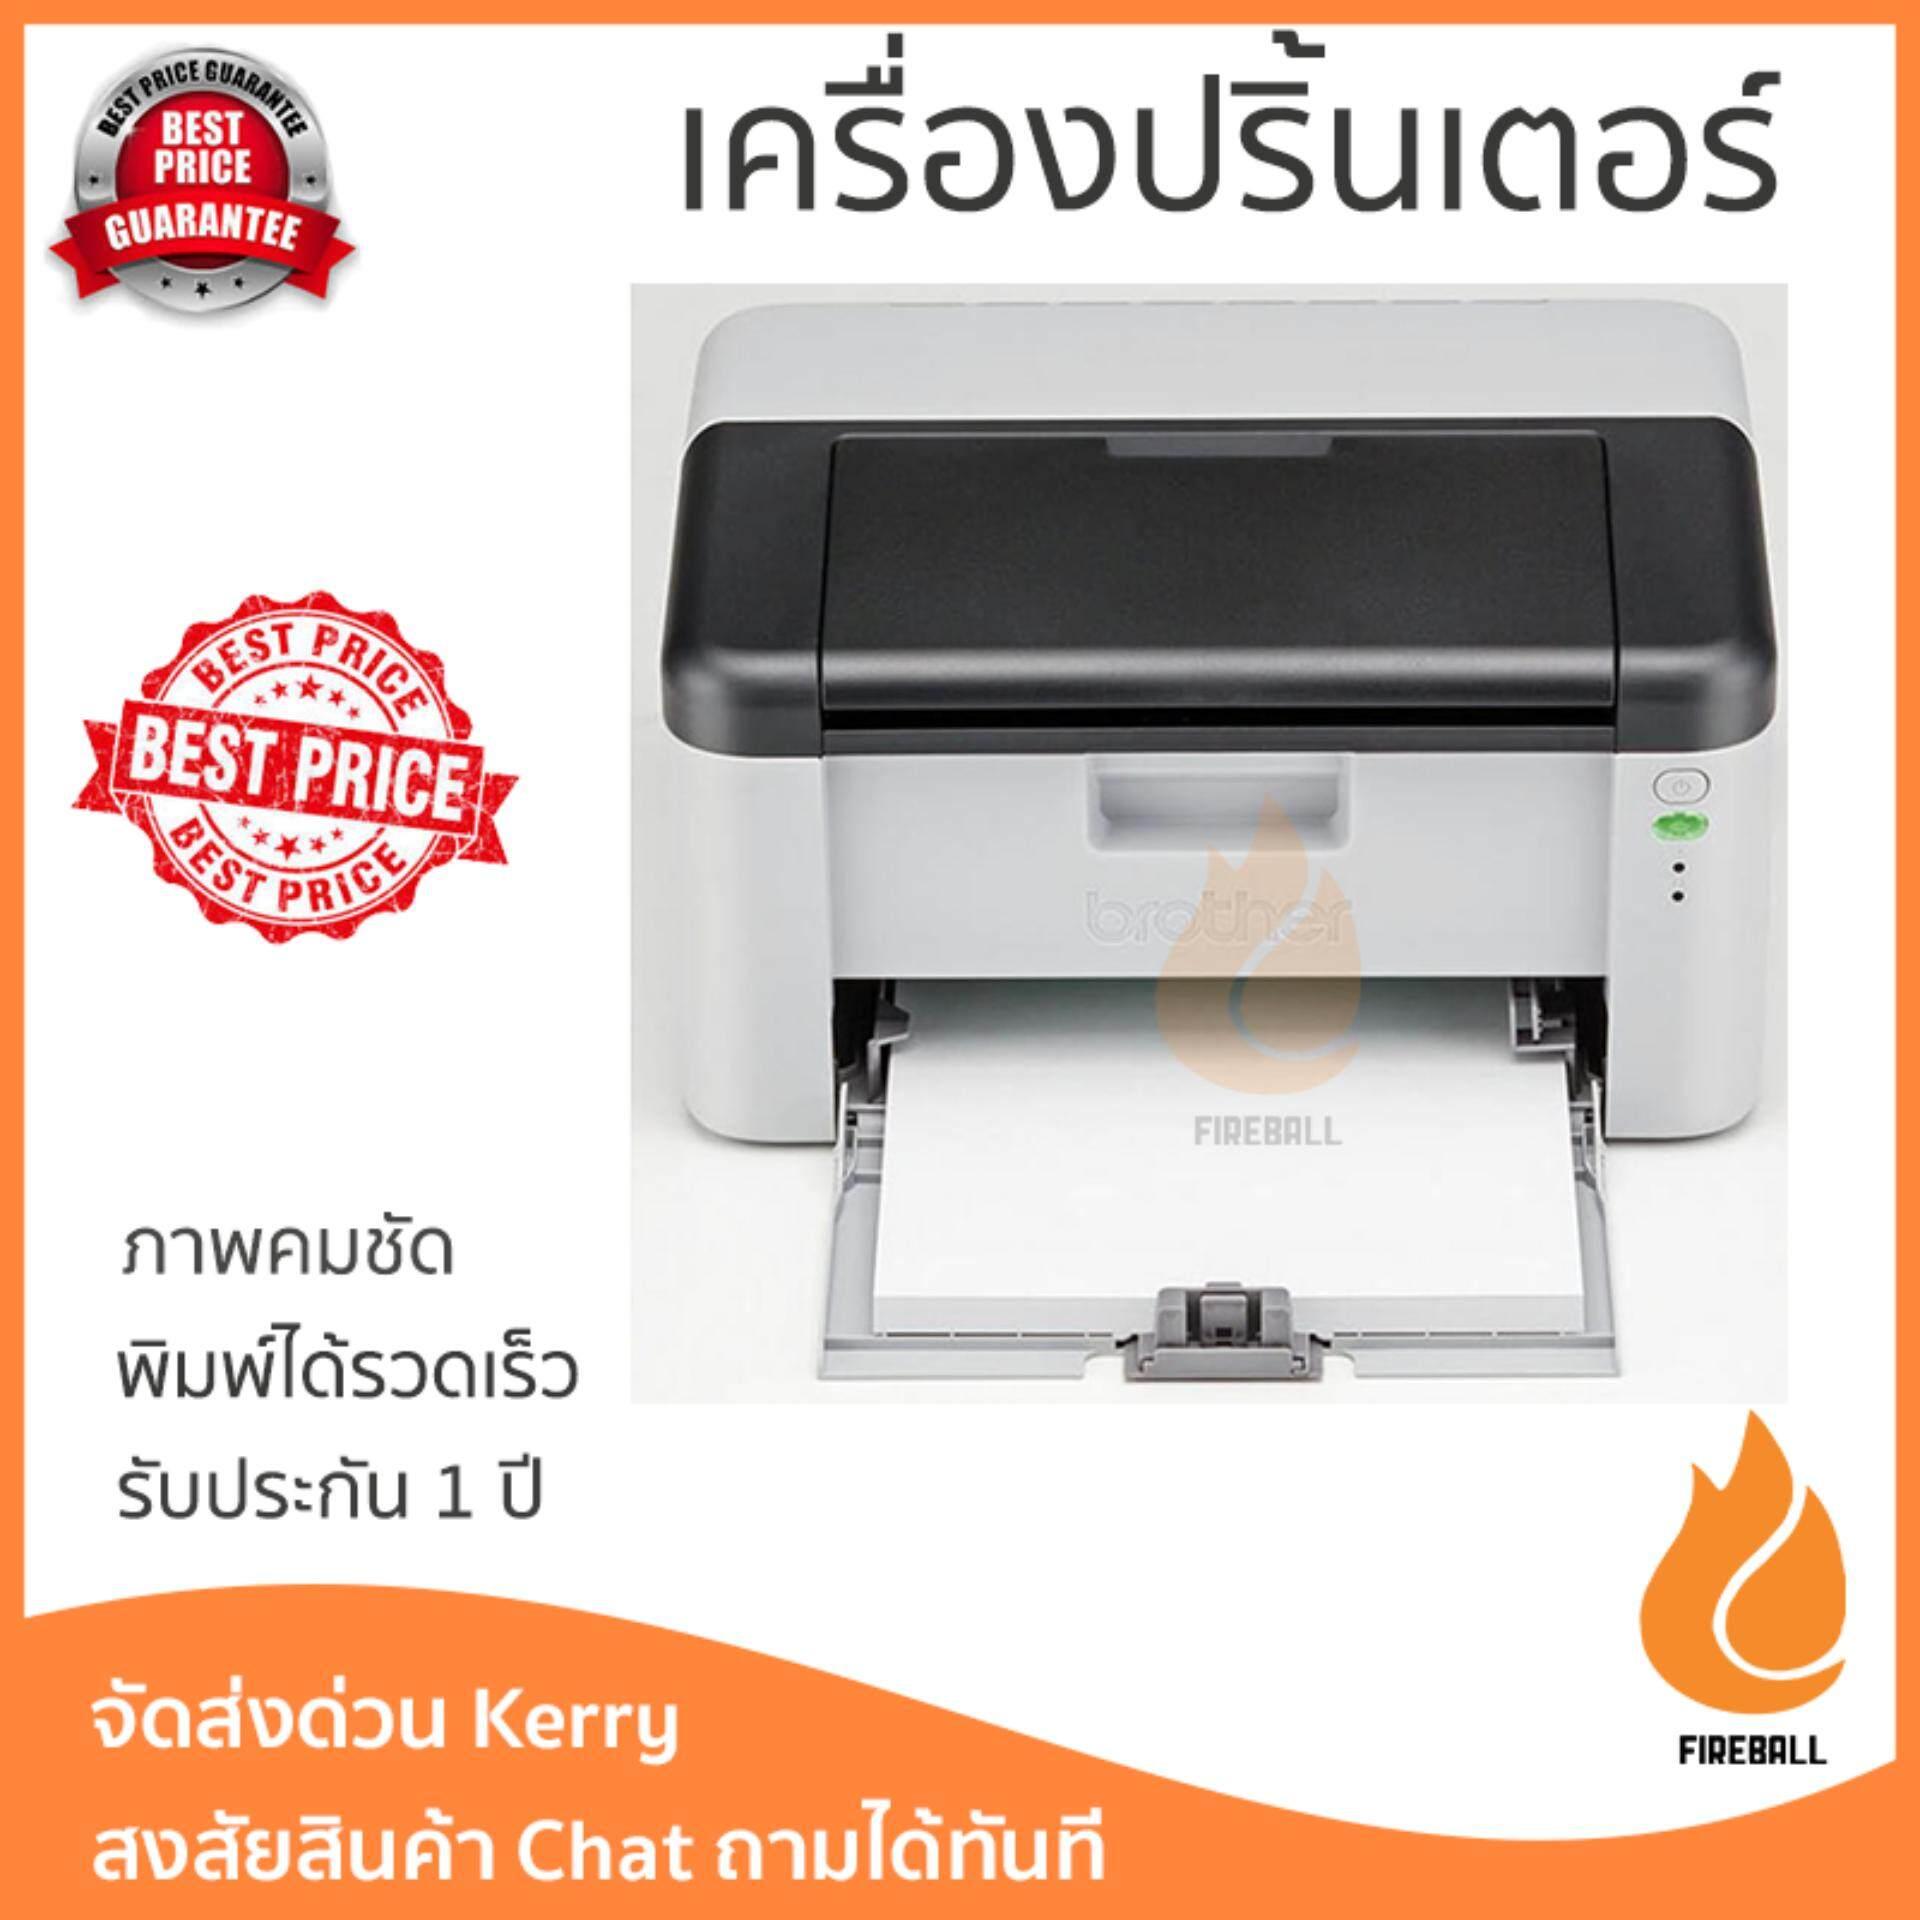 ลดสุดๆ โปรโมชัน เครื่องพิมพ์เลเซอร์           BROTHER ปริ้นเตอร์ เลเซอร์ รุ่น LS HL-1210WIFI             ความละเอียดสูง คมชัด พิมพ์ได้รวดเร็ว เครื่องปริ้น เครื่องปริ้นท์ Laser Printer รับประกันสินค้า